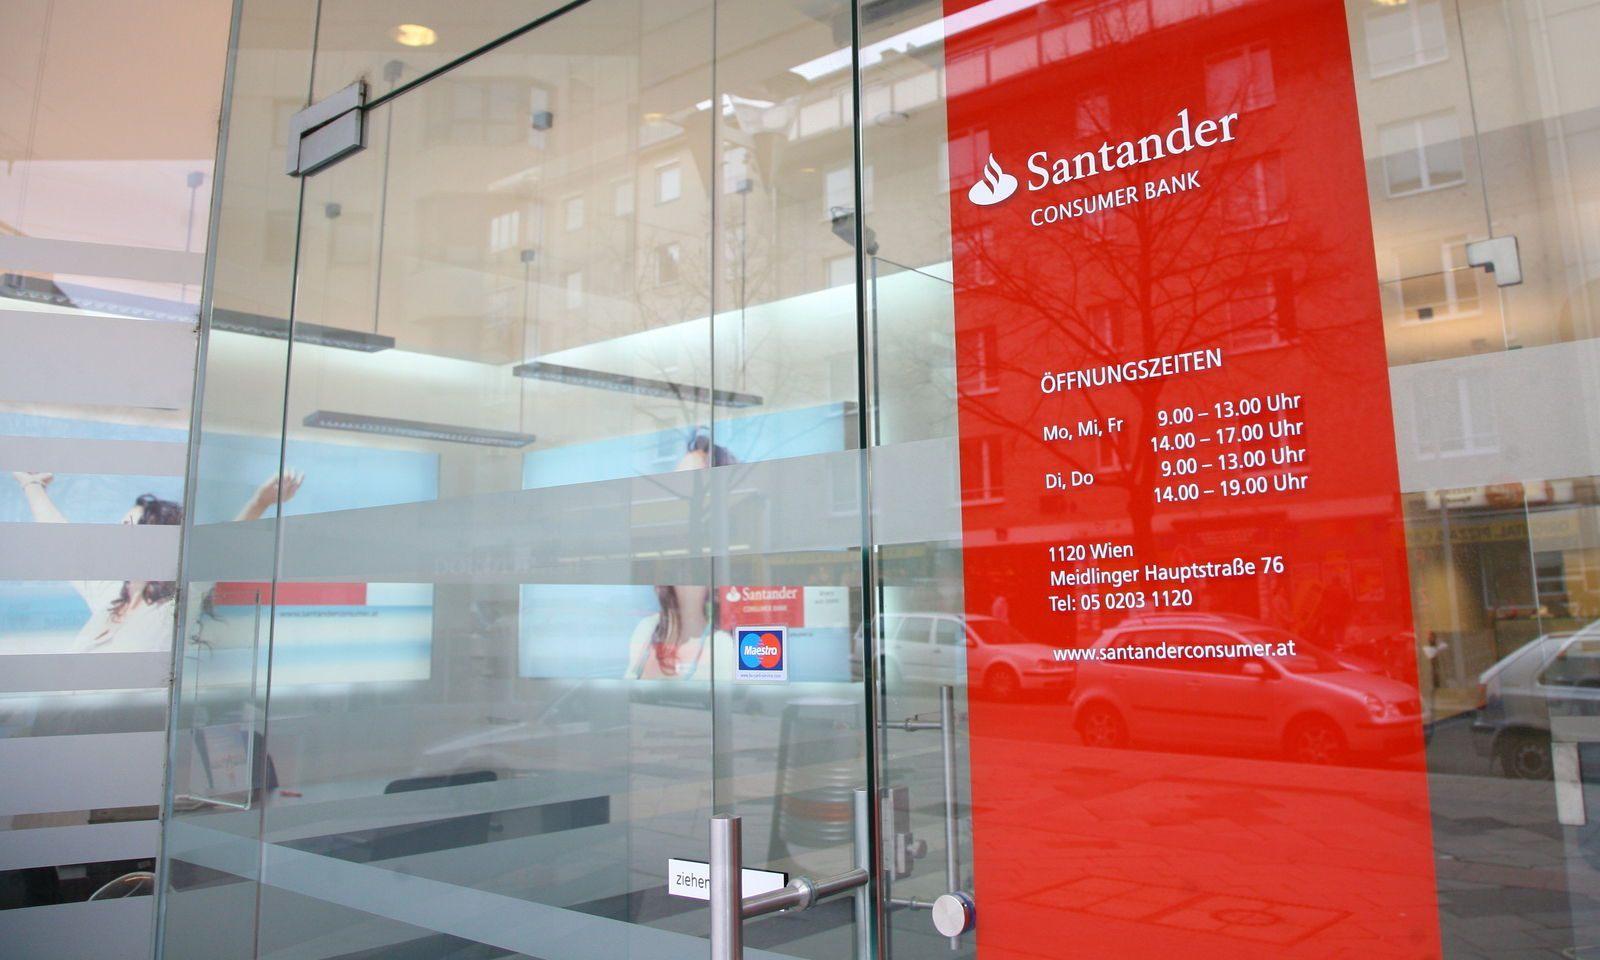 Der Santander Konsumkredit - Alle Infos Zur Beantragung & Den Konditionen